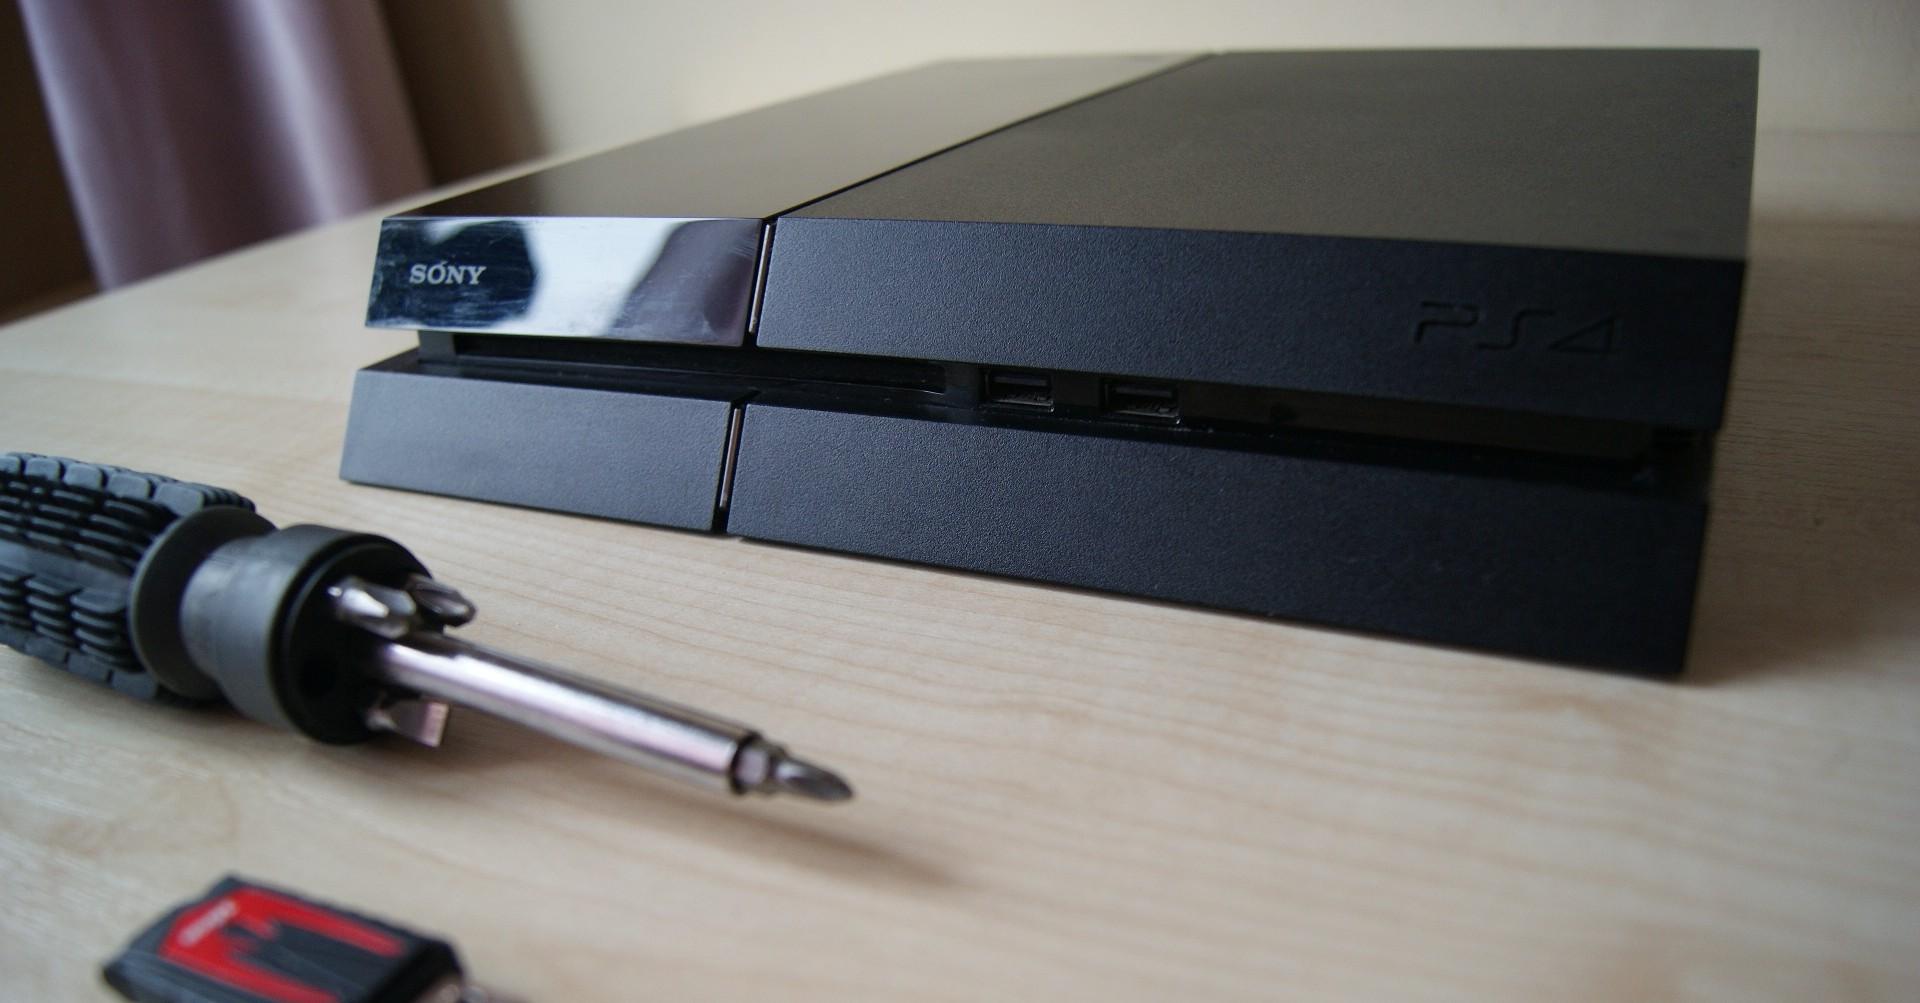 Wymiana dysku w PlayStation 4 jest tak prosta, że aż żal tego nie zrobić – poradnik Spider's Web